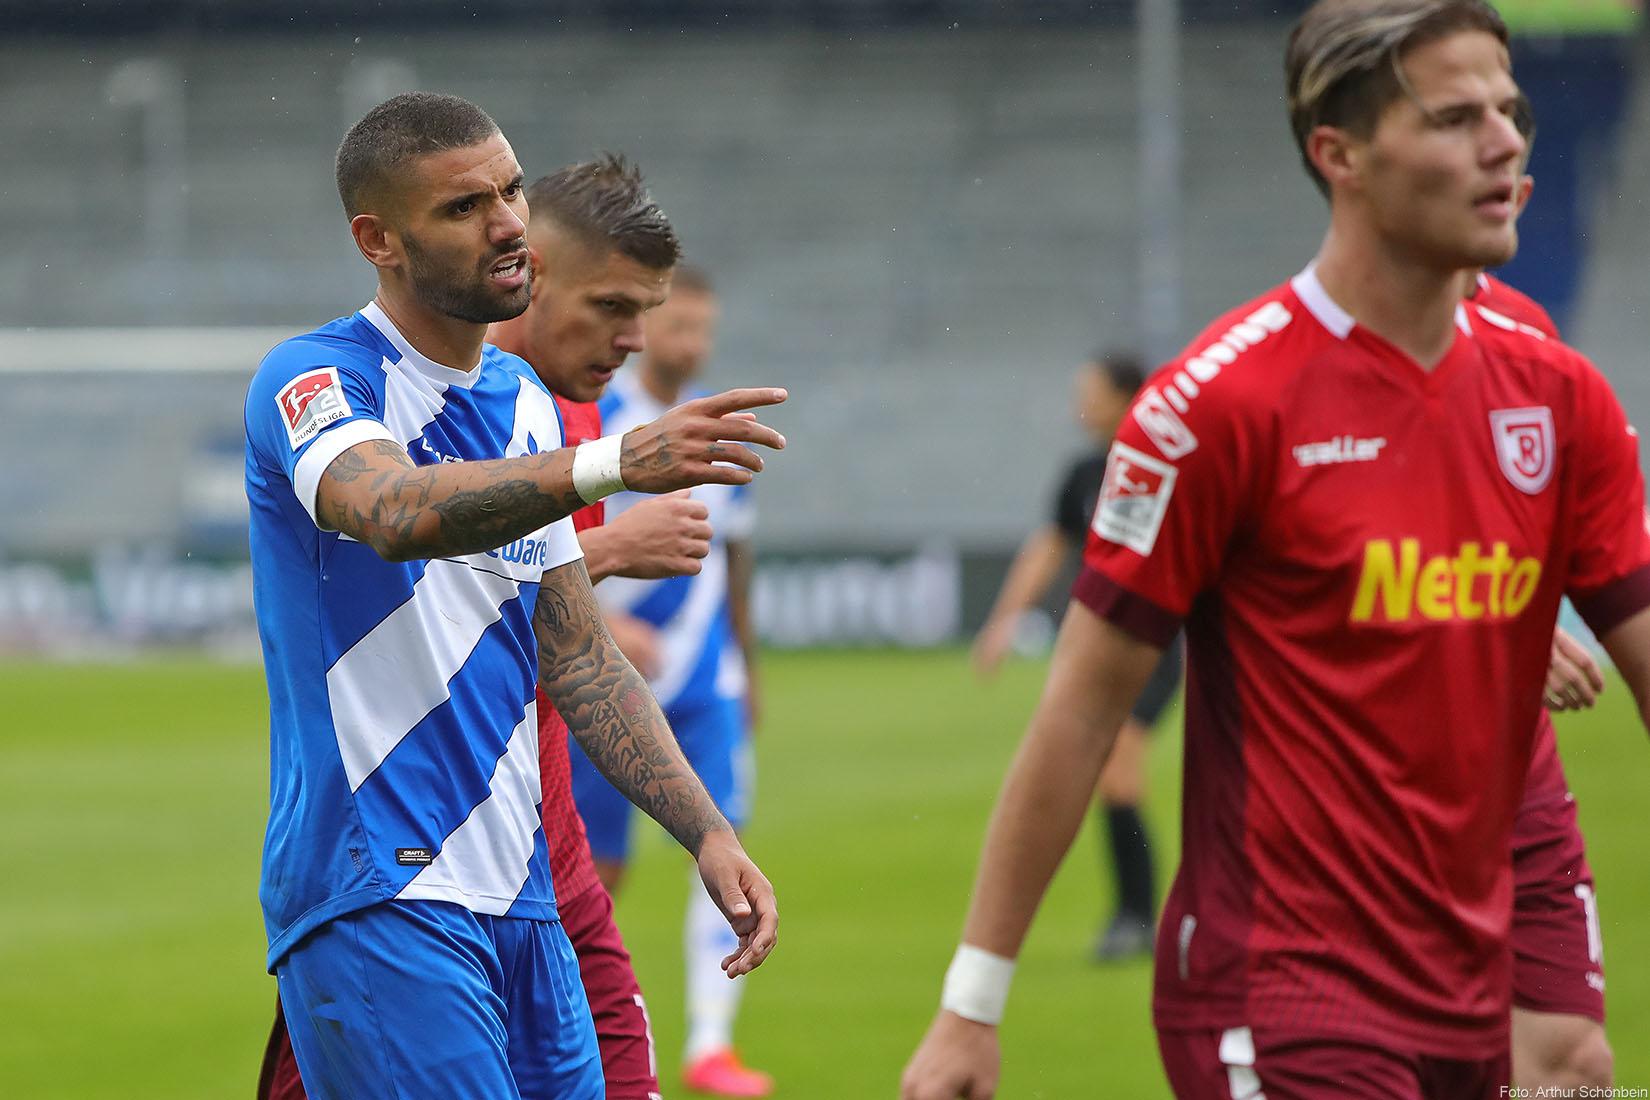 Pálsson mit Knieproblemen – Einsatz gegen St. Pauli fraglich